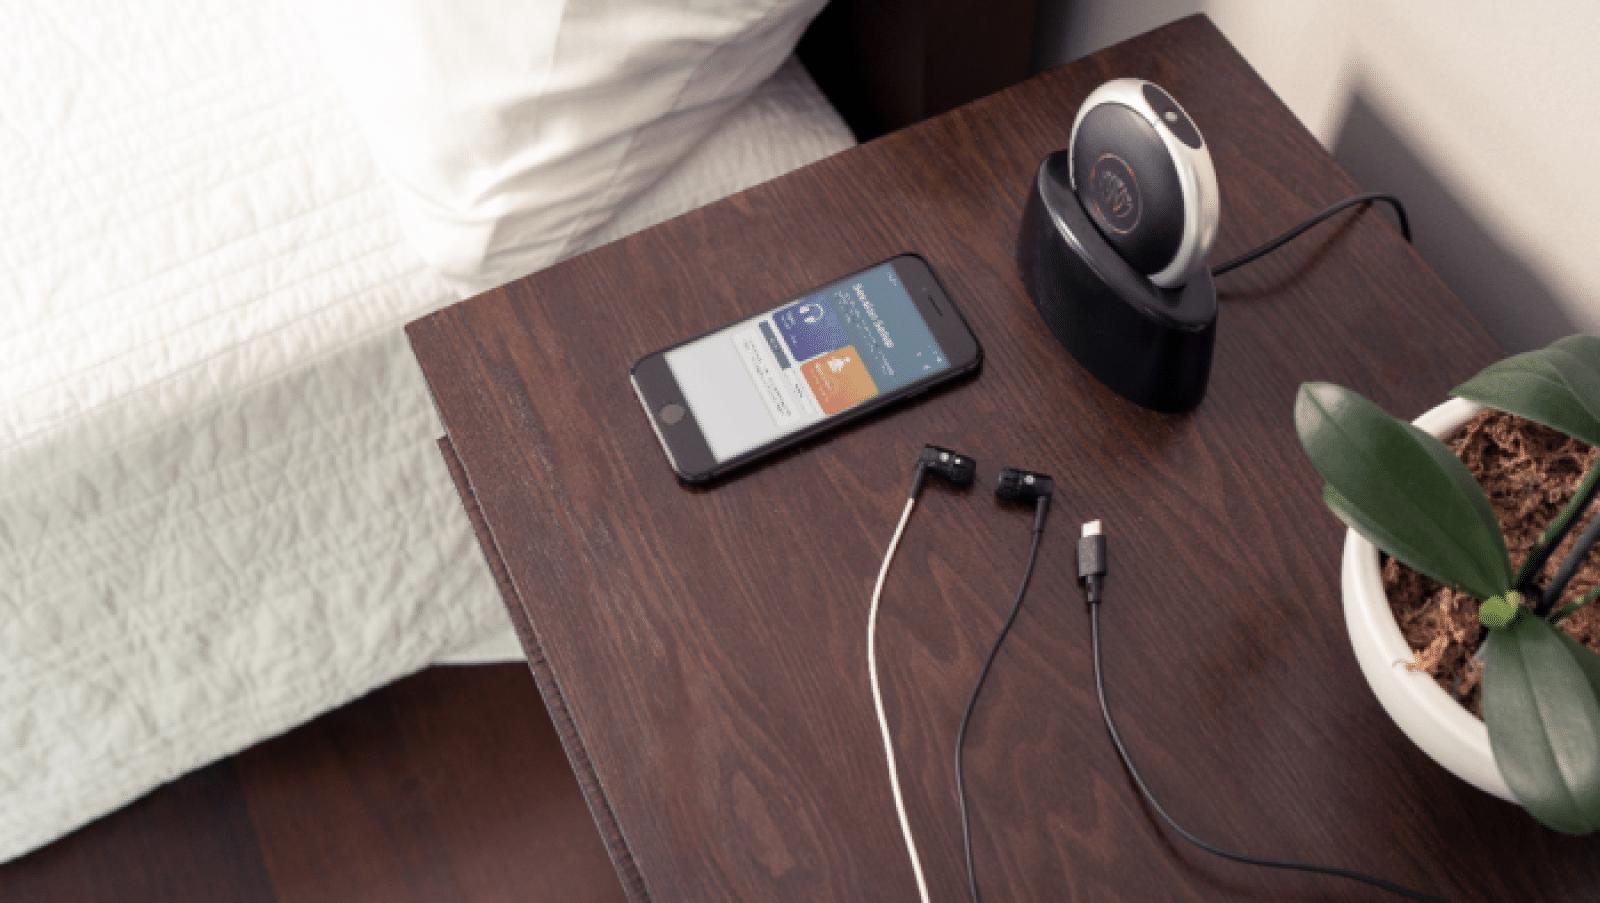 xen headphones on nightstand